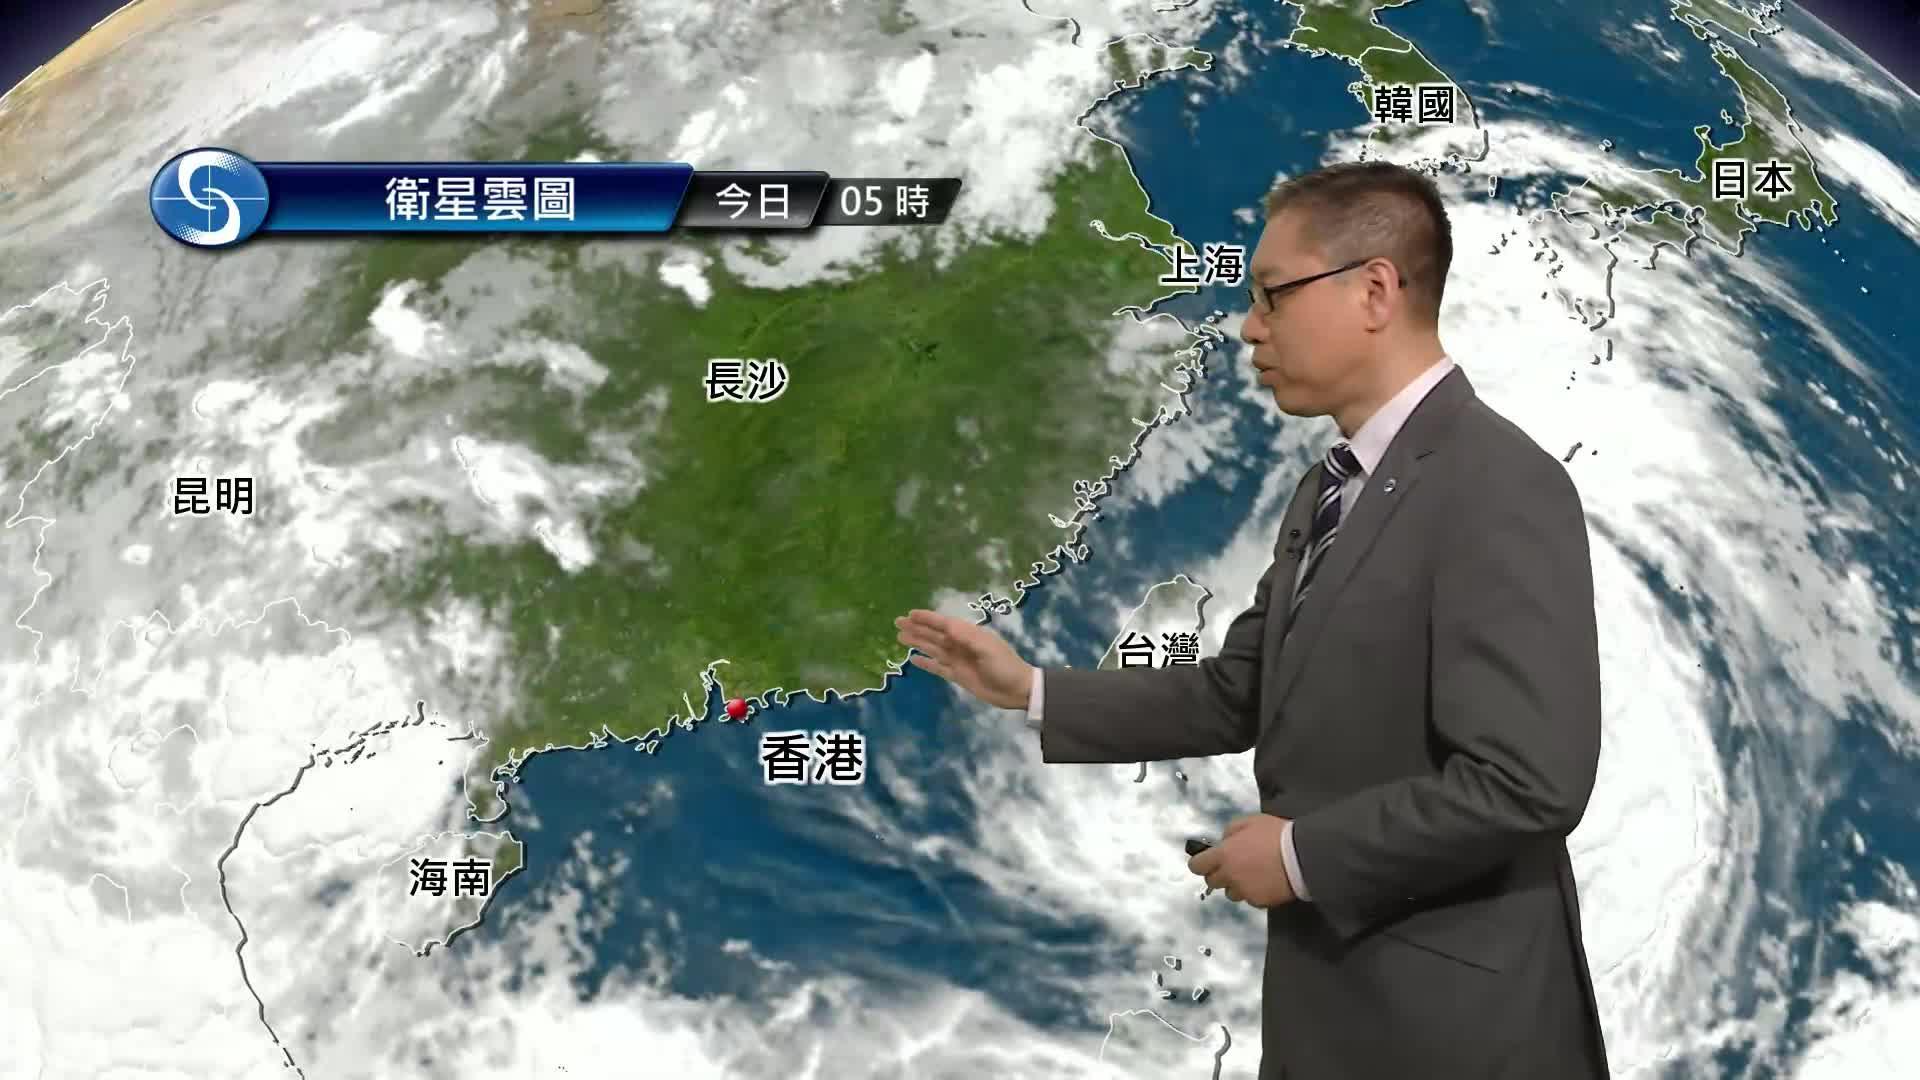 早晨天氣節目(07月23日上午7時) - 署理高級科學主任楊國仲